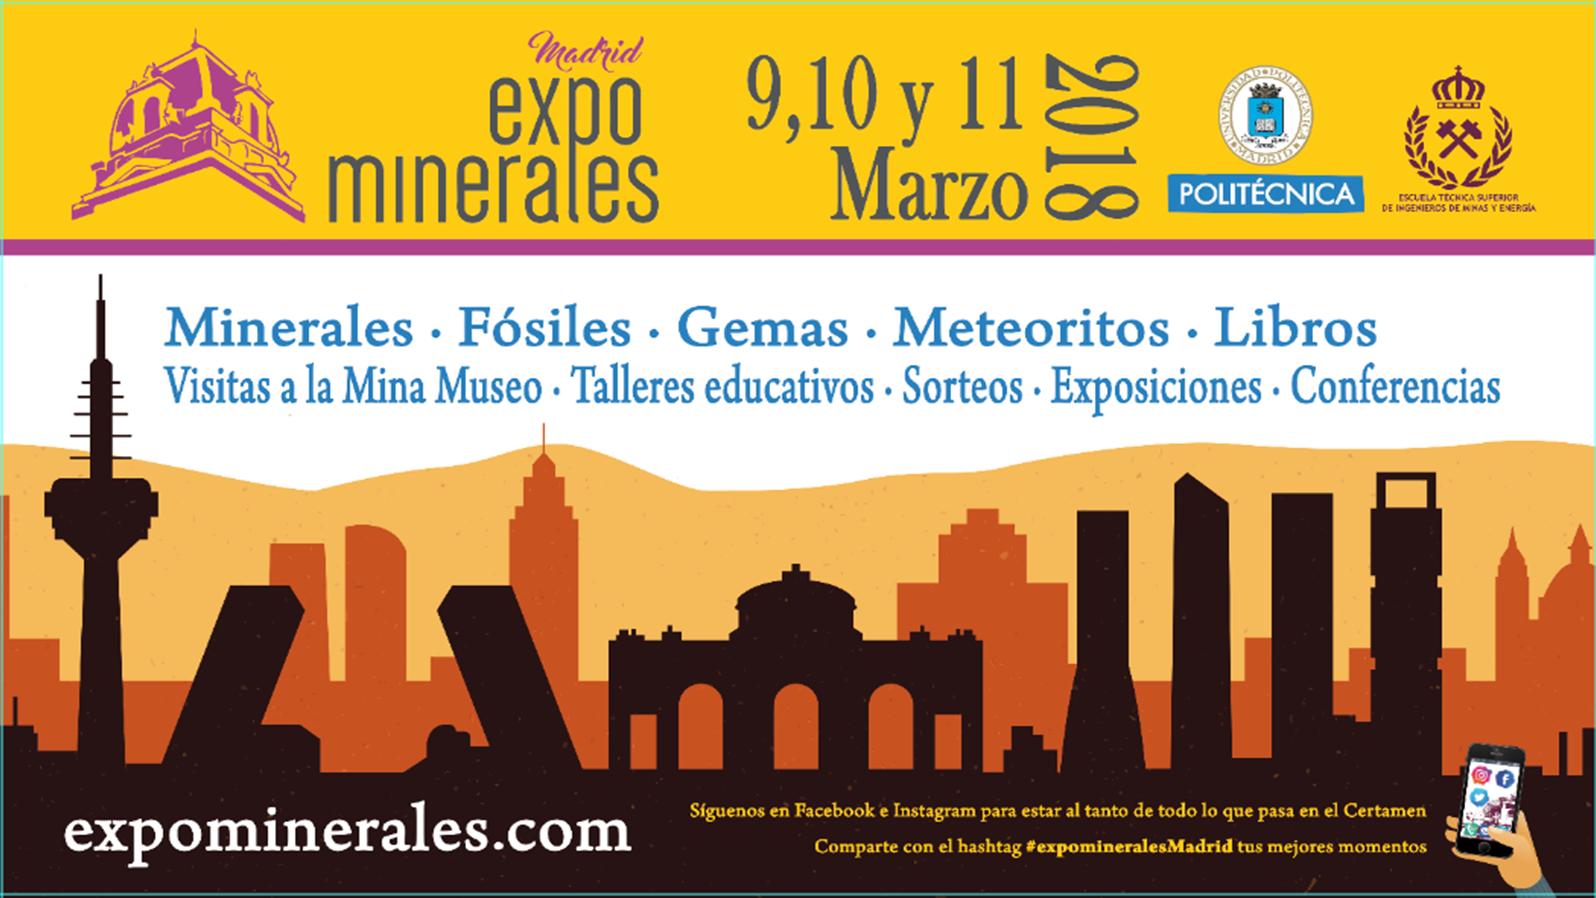 Fotografia Presentación Expominerales Madrid 2018